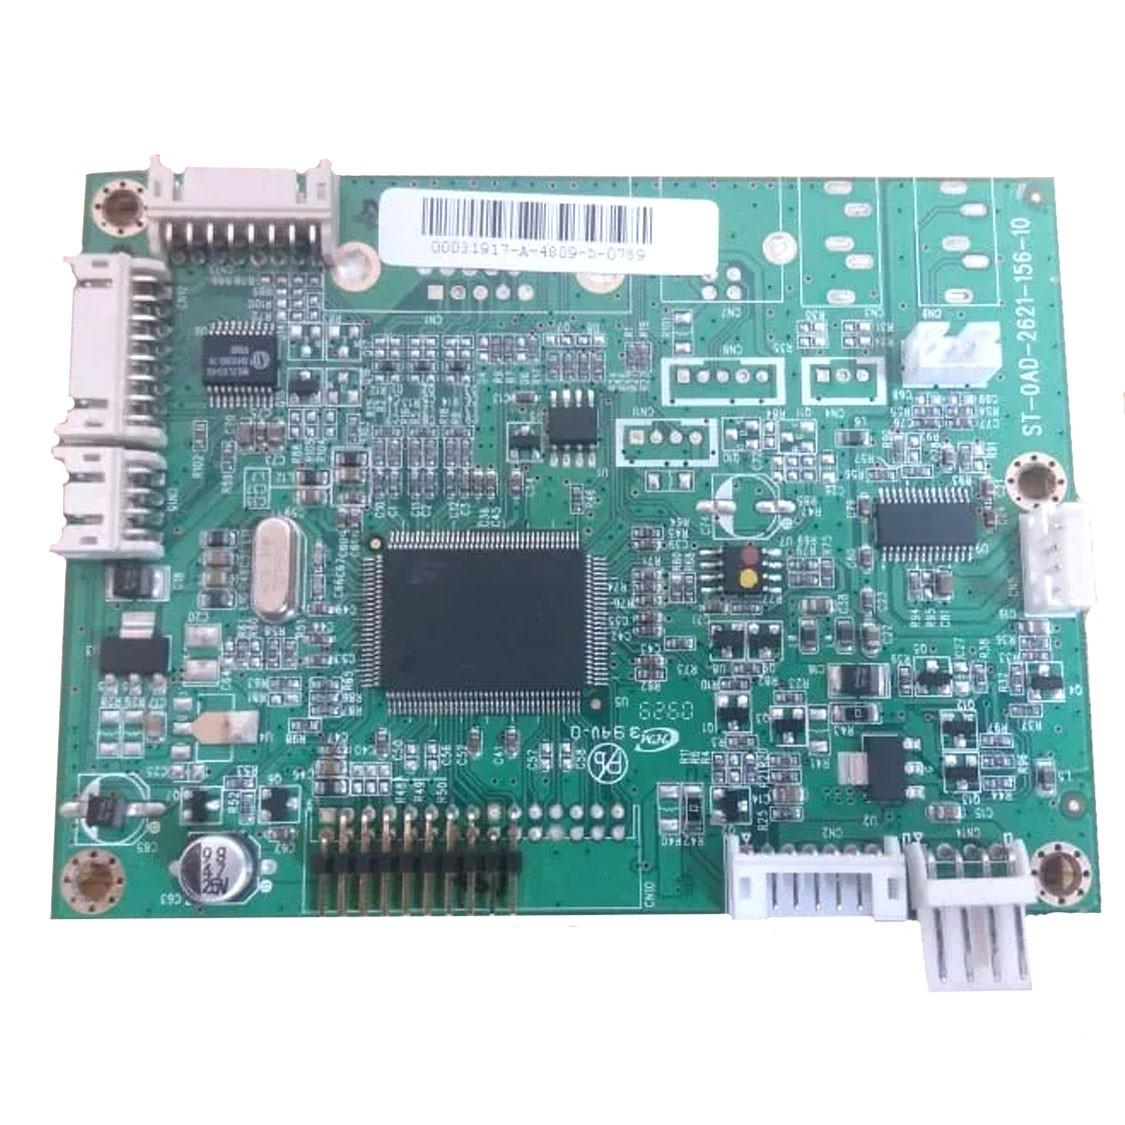 Placa Lógica  DVD Portátil PN:St-0ad-2621-156-10 - Retirado